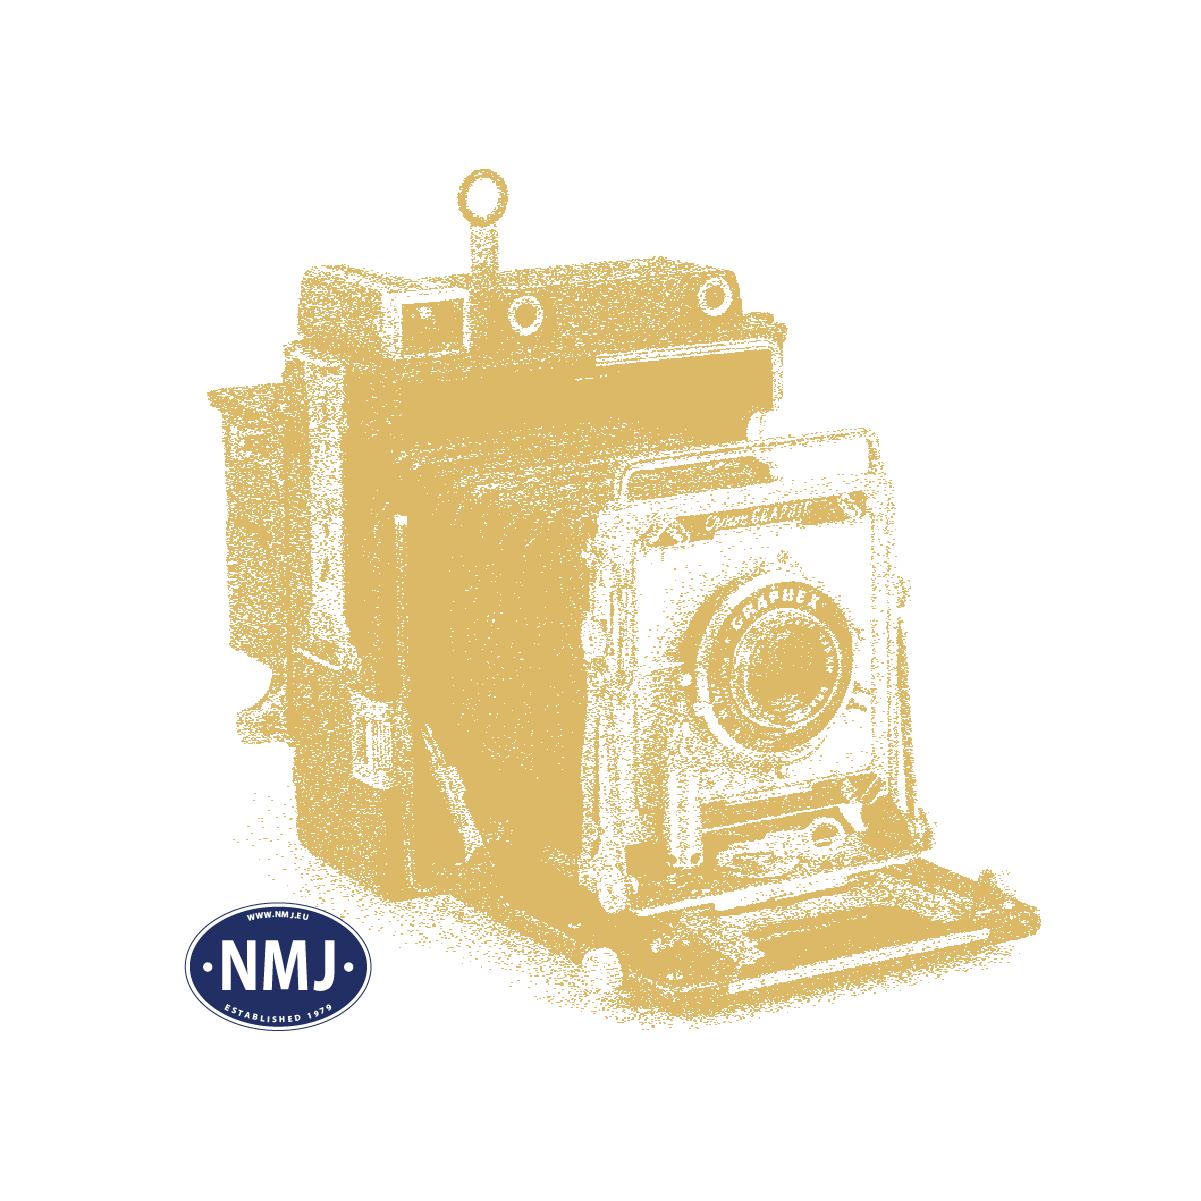 NMJT205.101 - NMJ Topline SJ B5 4752, 2 kl. Personvogn, hvit SJ logo